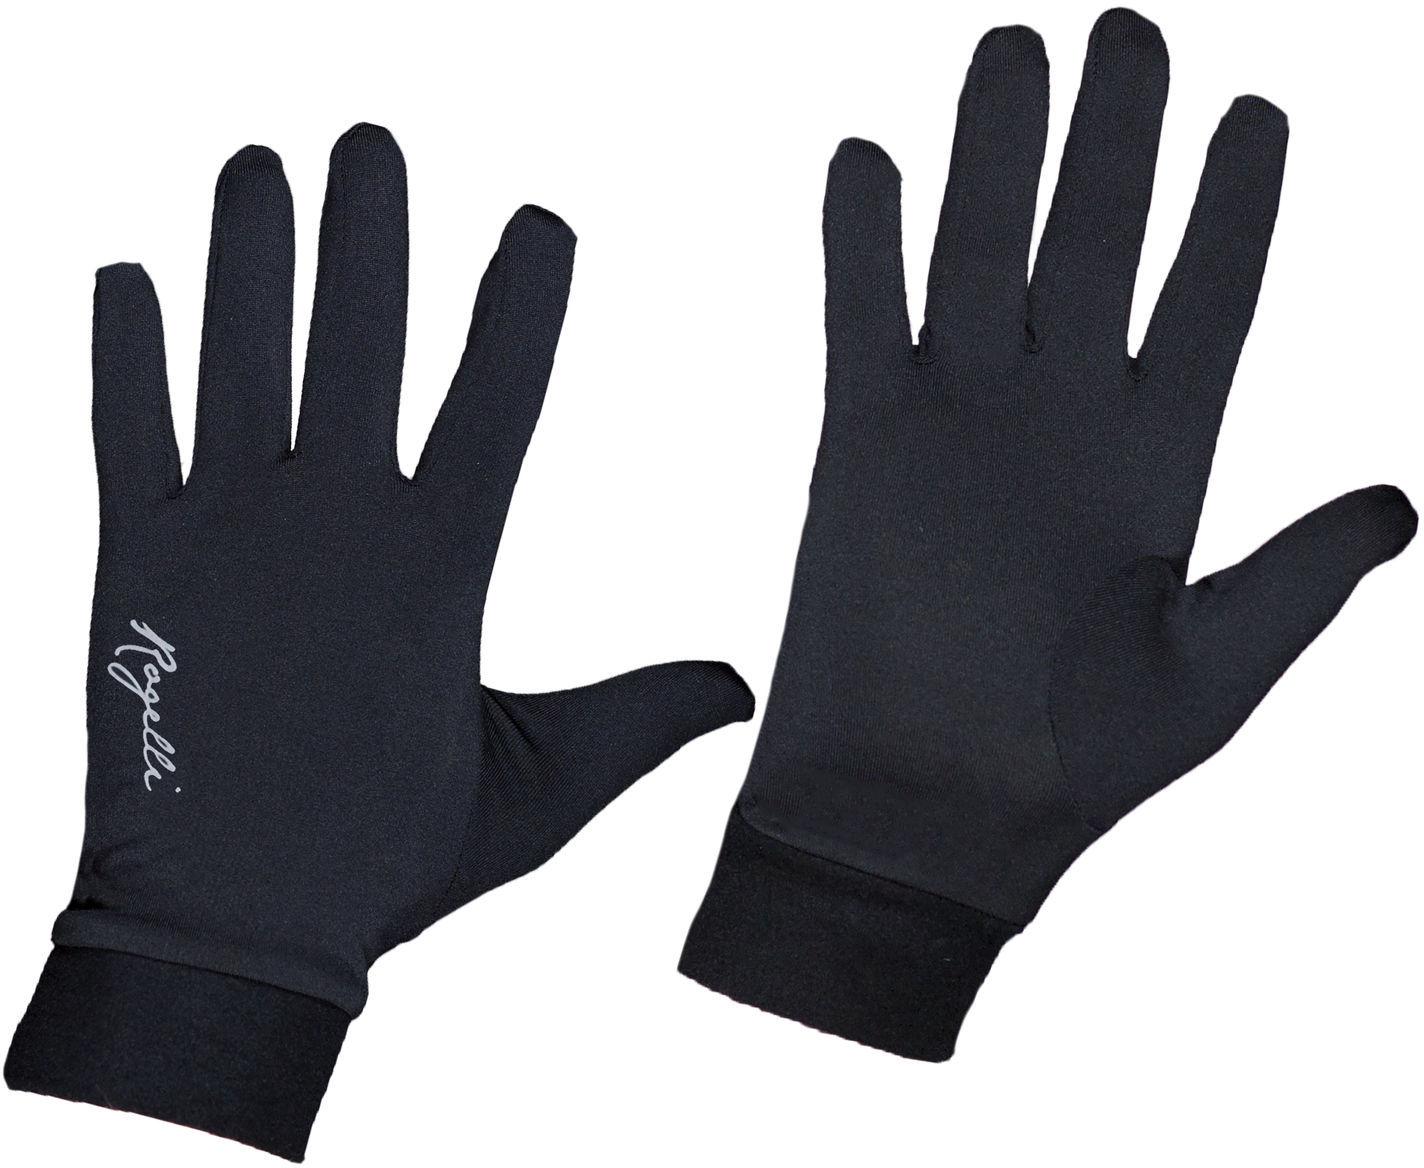 ROGELLI RUN OAKLAND 890.009 rękawiczki do biegania czarne Rozmiar: XL,890-009